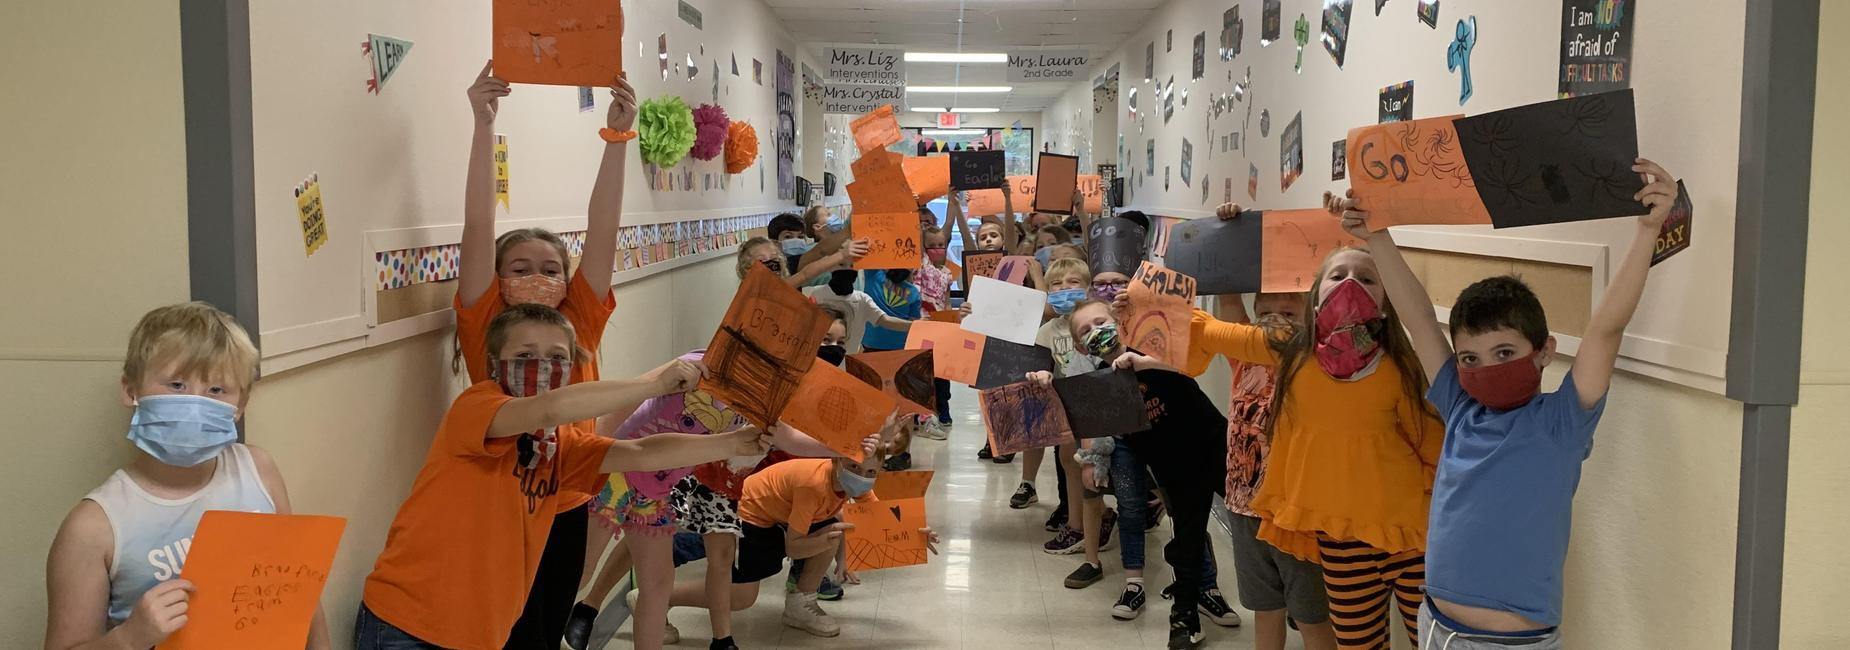 Bradford Elementary